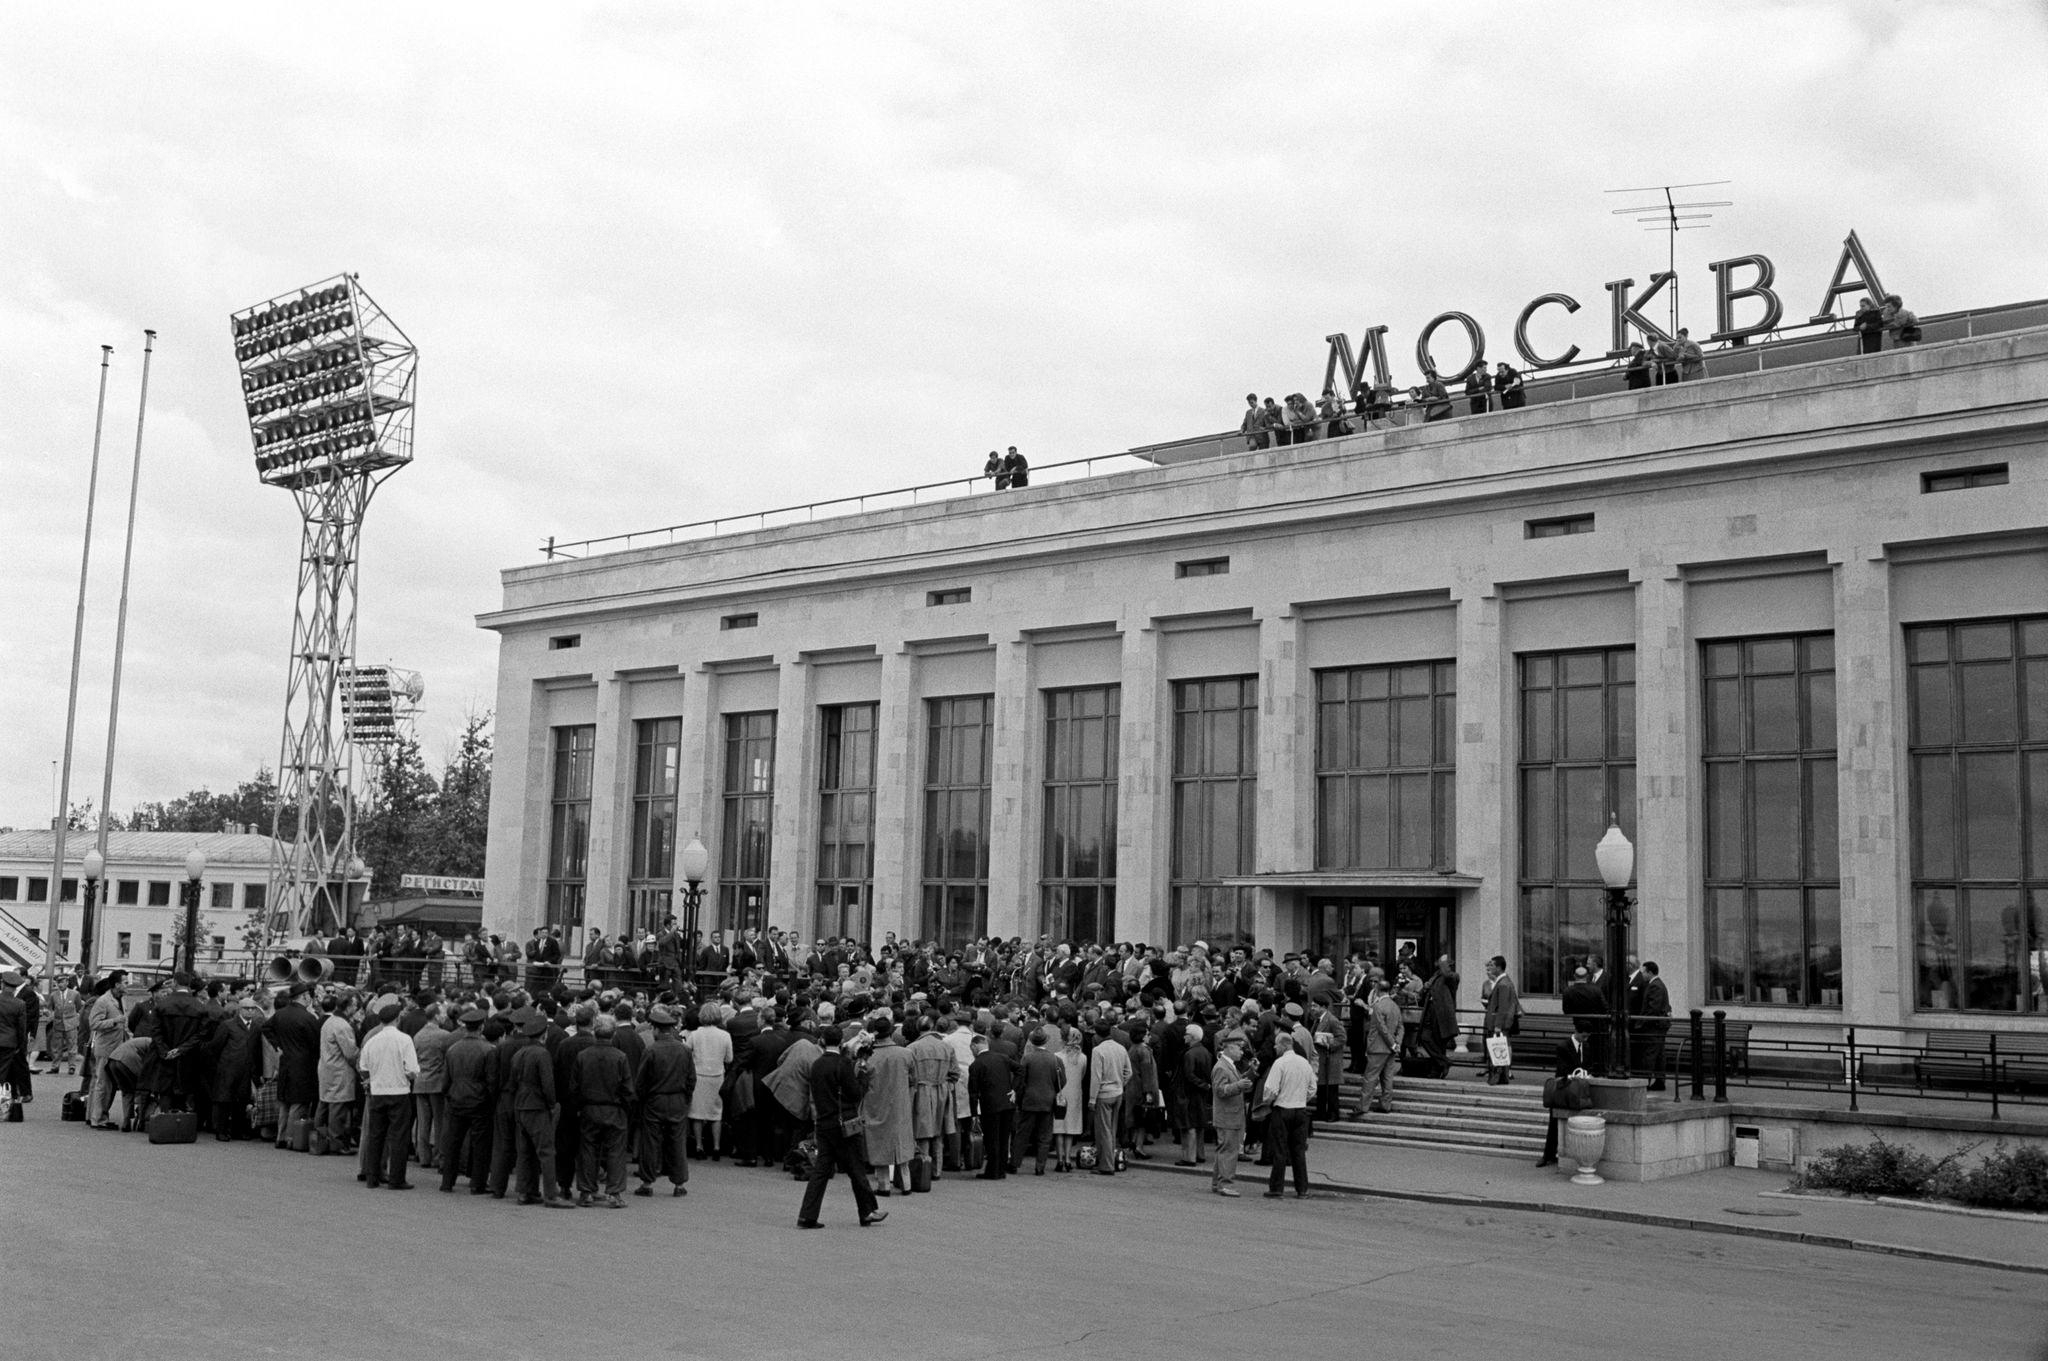 Толпа за пределами московского аэропорта готова приветствовать актеров Театра алла Скала, которые находятся в Москве на гастролях.png